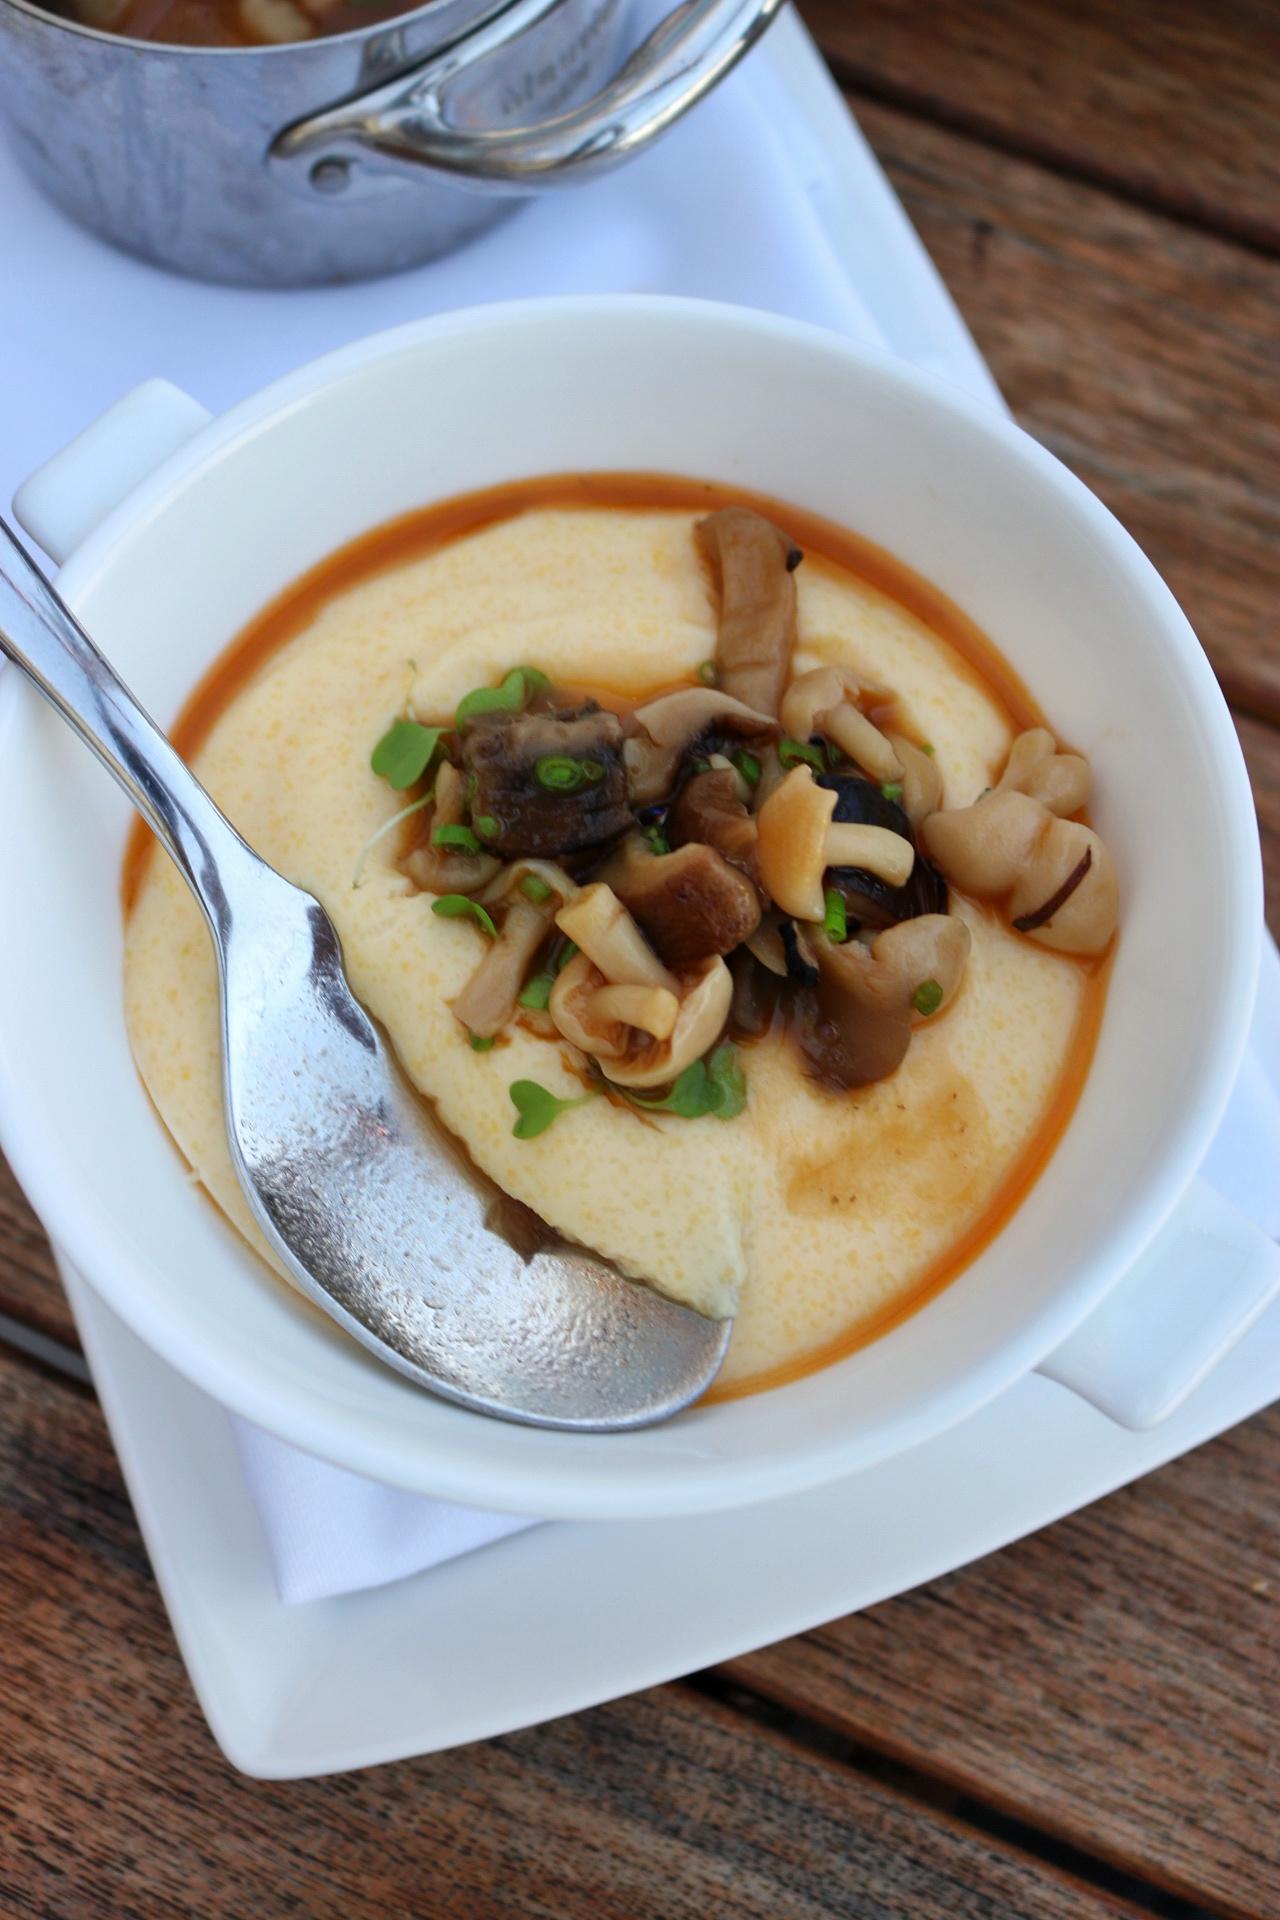 Scarpetta - Mushroom Polenta